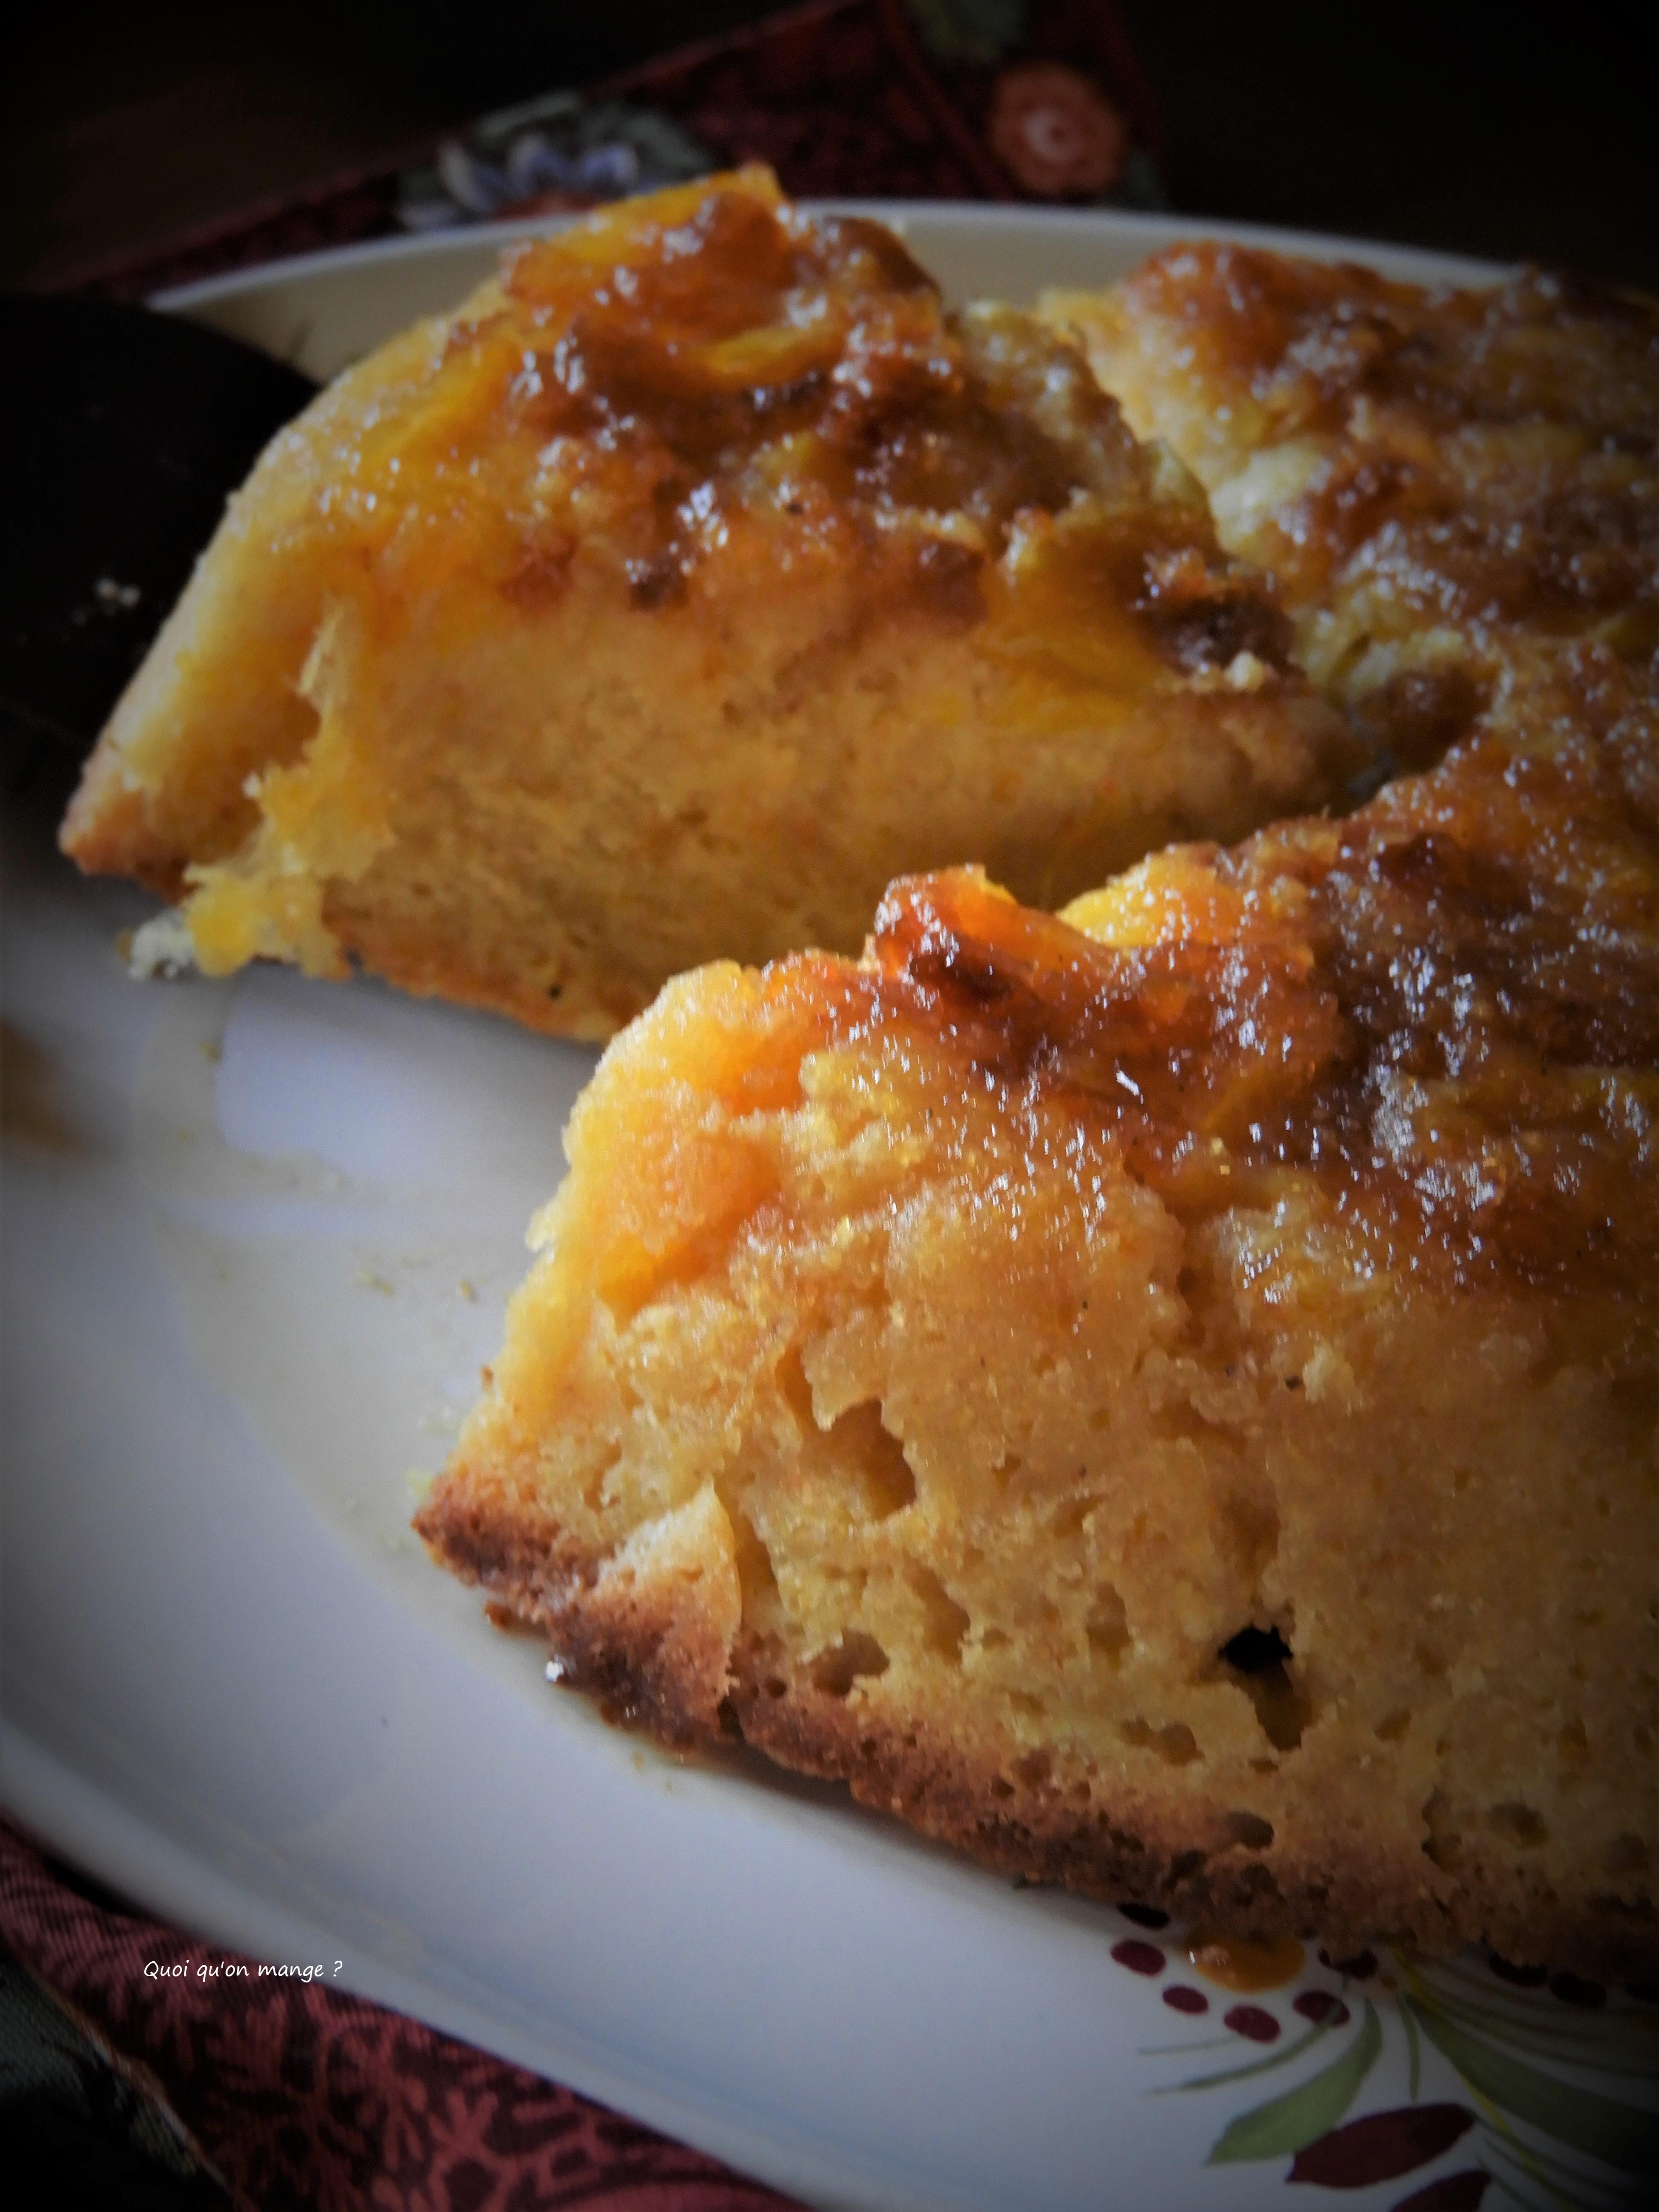 Gâteau renversé de polenta à l'orange